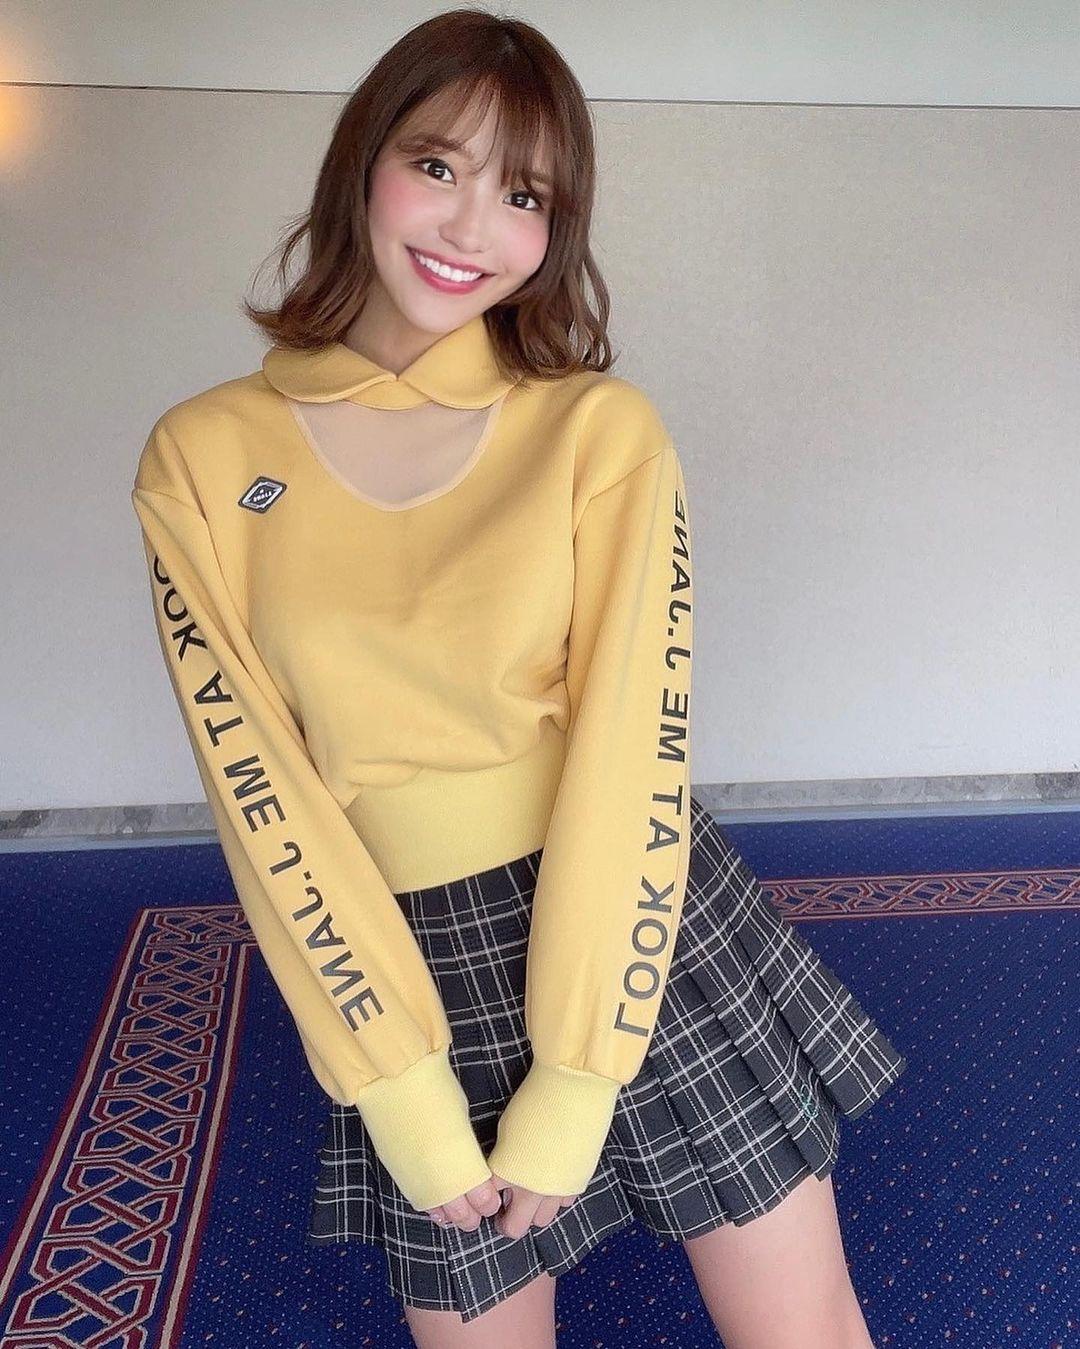 ishihara_yuriko239.jpg